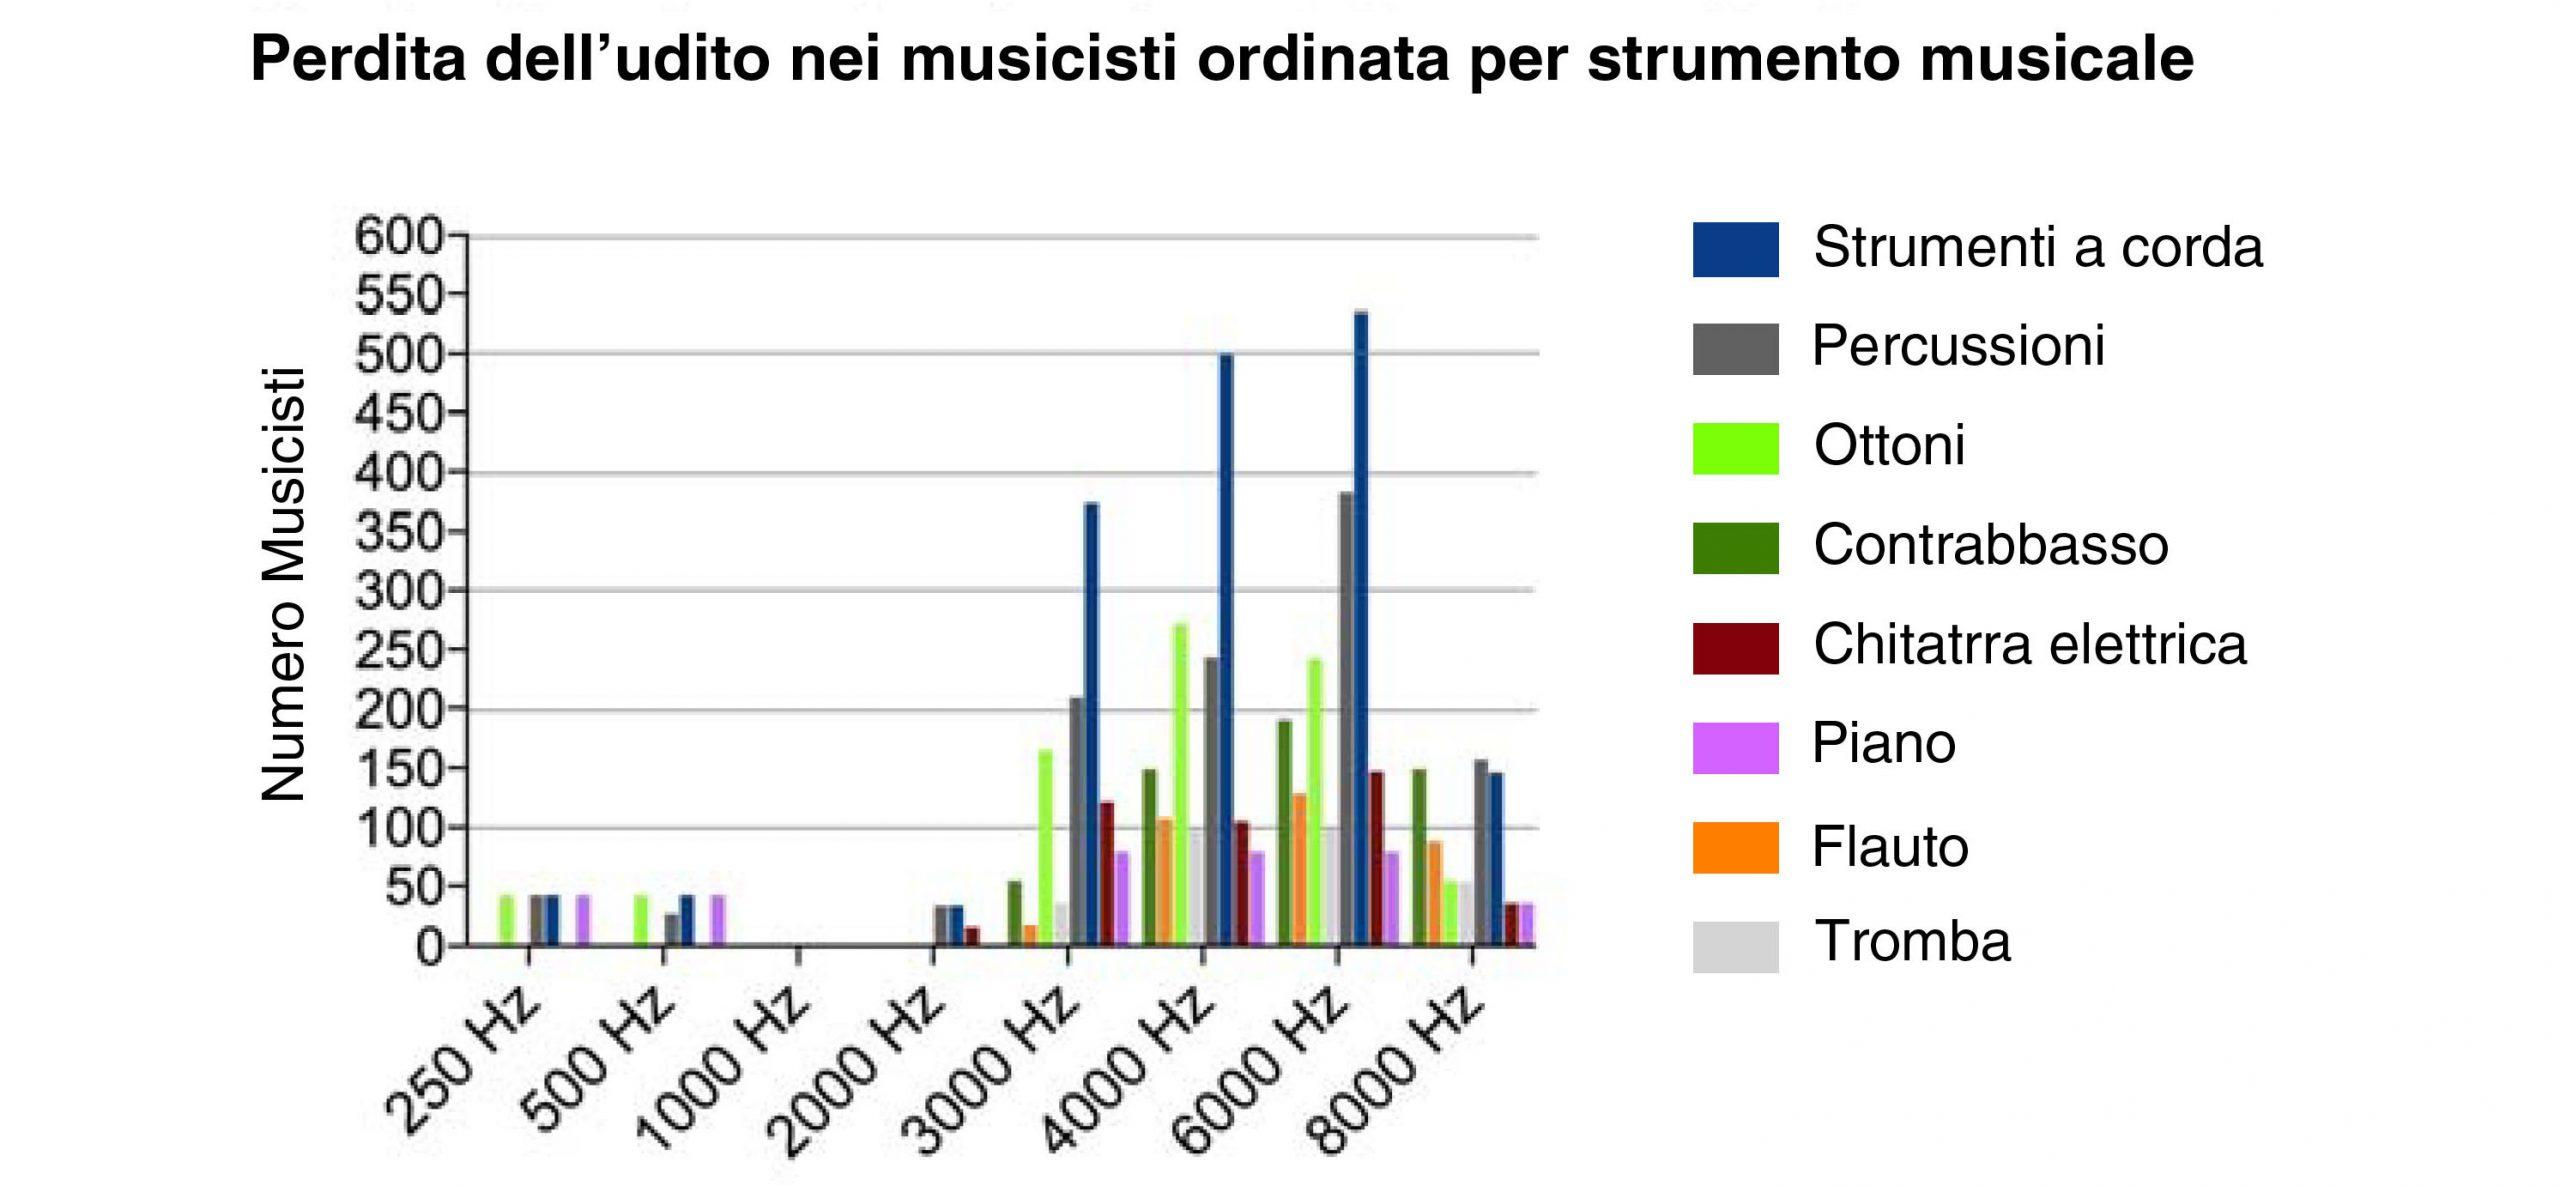 musicisti-strumenti-musicali-perdita-udito-new